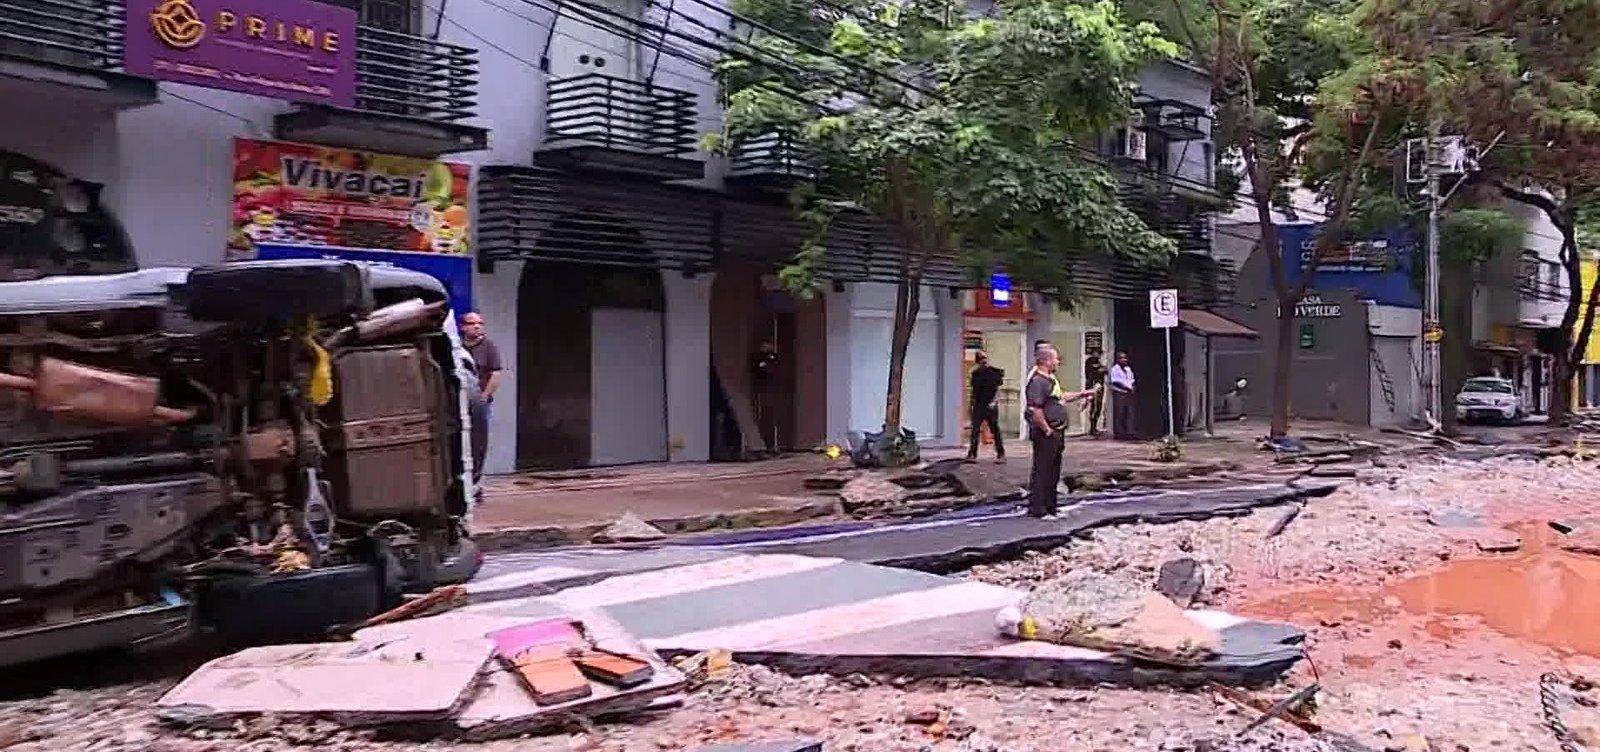 [Chuva forte causa destruição em Minas Gerais; número de mortos chega a 53]